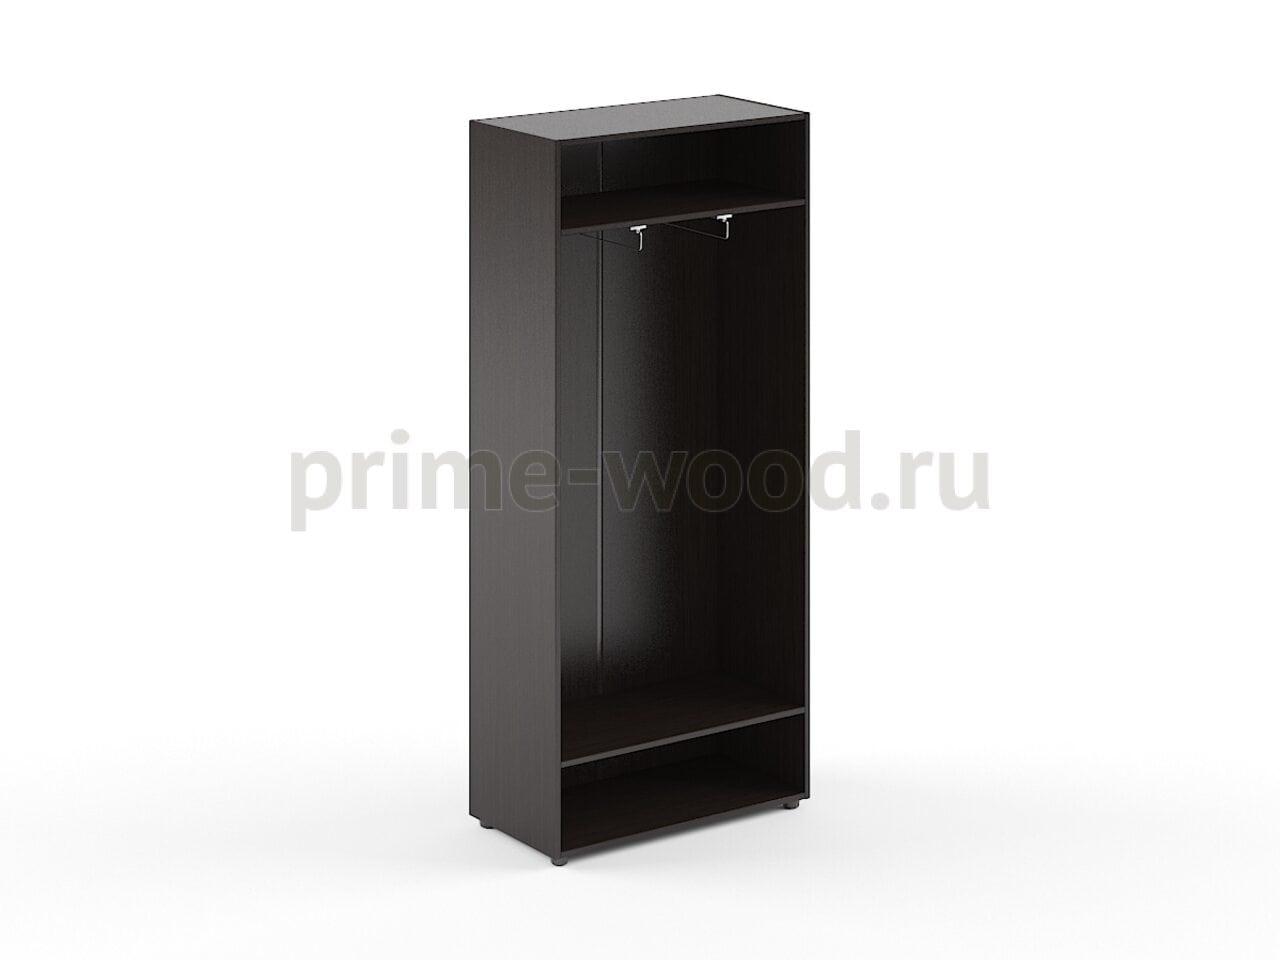 Каркас гардероба - фото 1